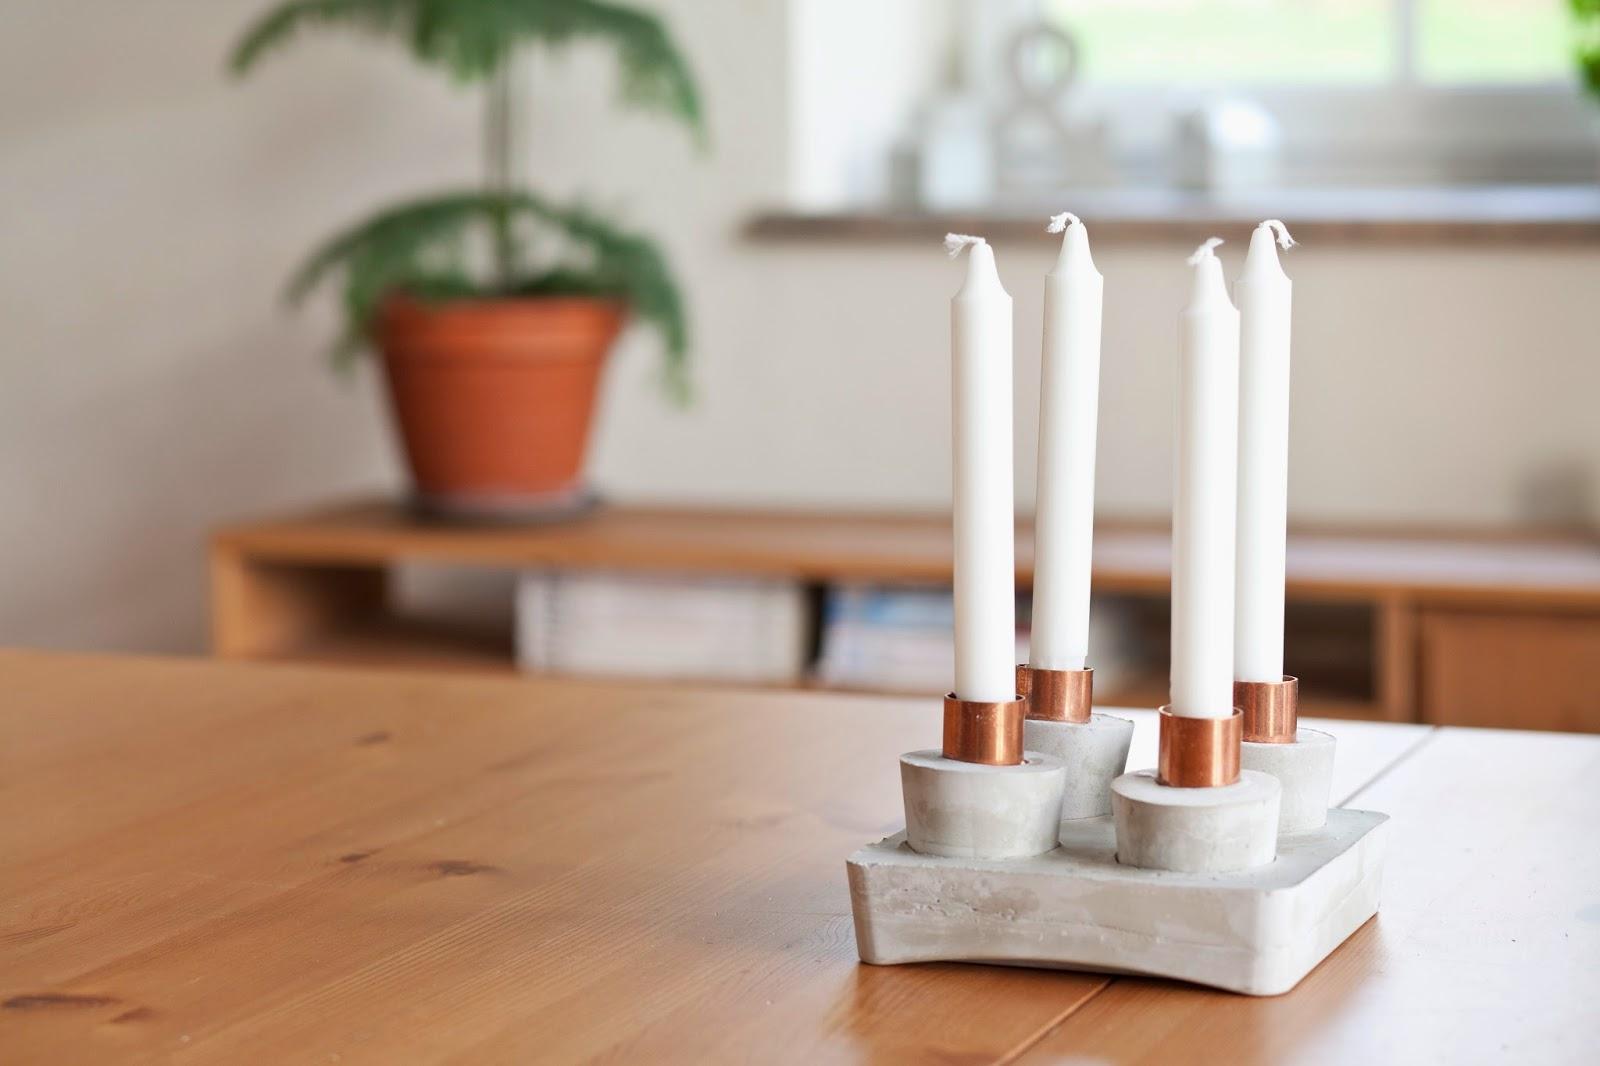 Diy weihnachten: ein adventkranz aus beton mit kupfer muffen oder